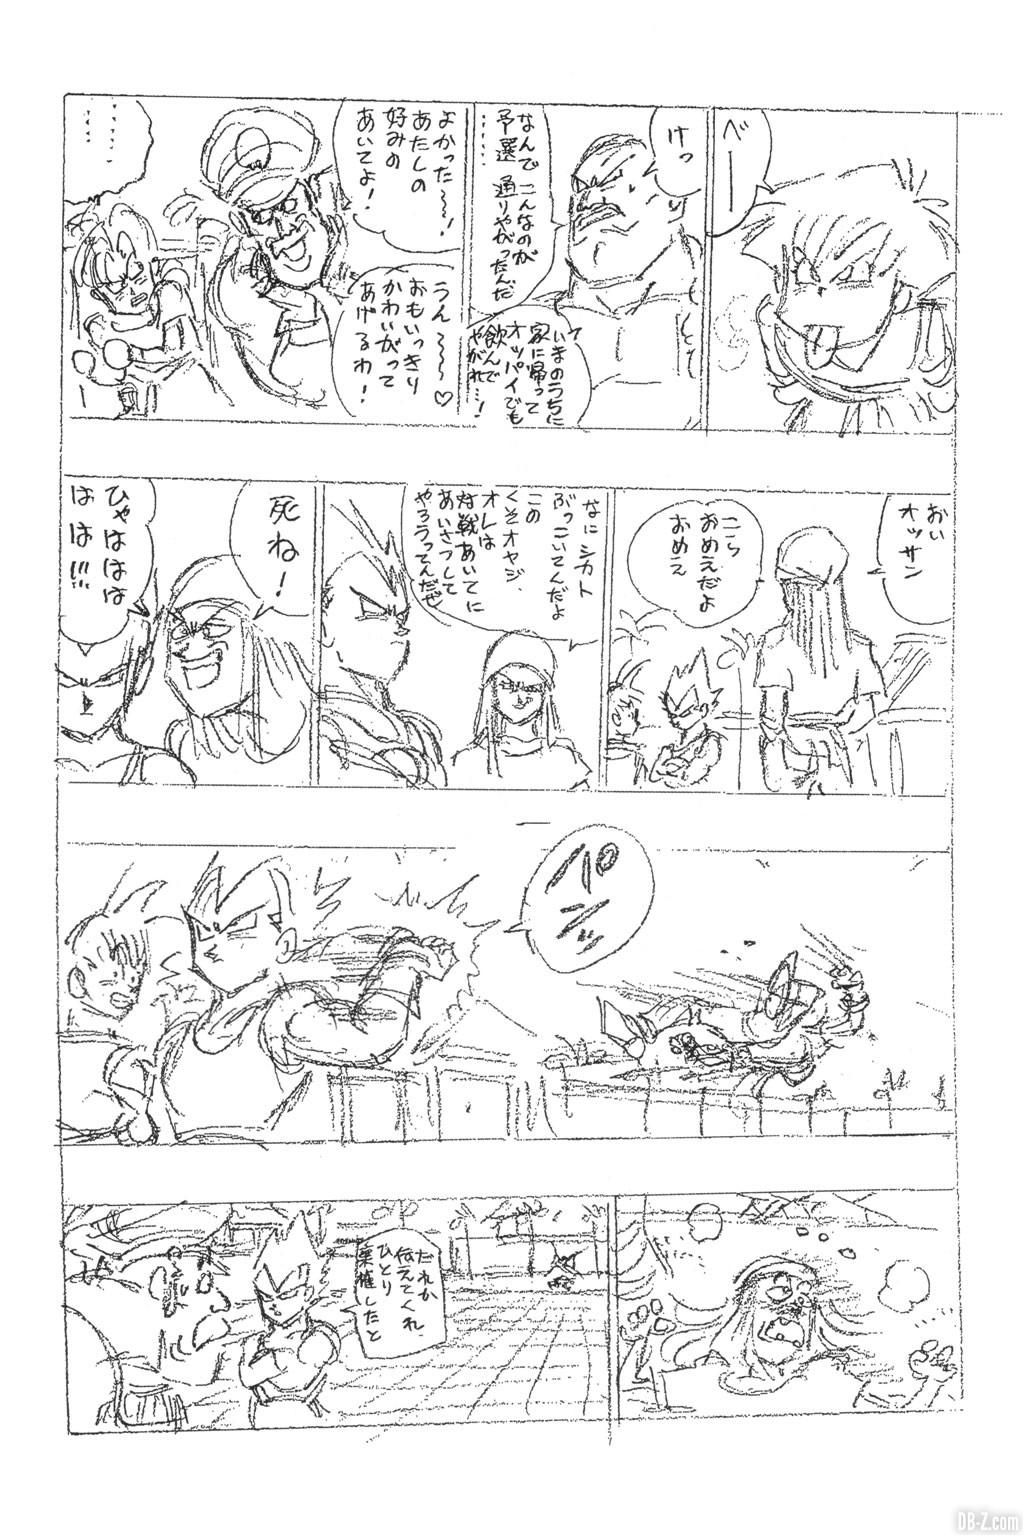 Brouillon Akira Toriyama Dernier Chapitre de Dragon Ball Page 4